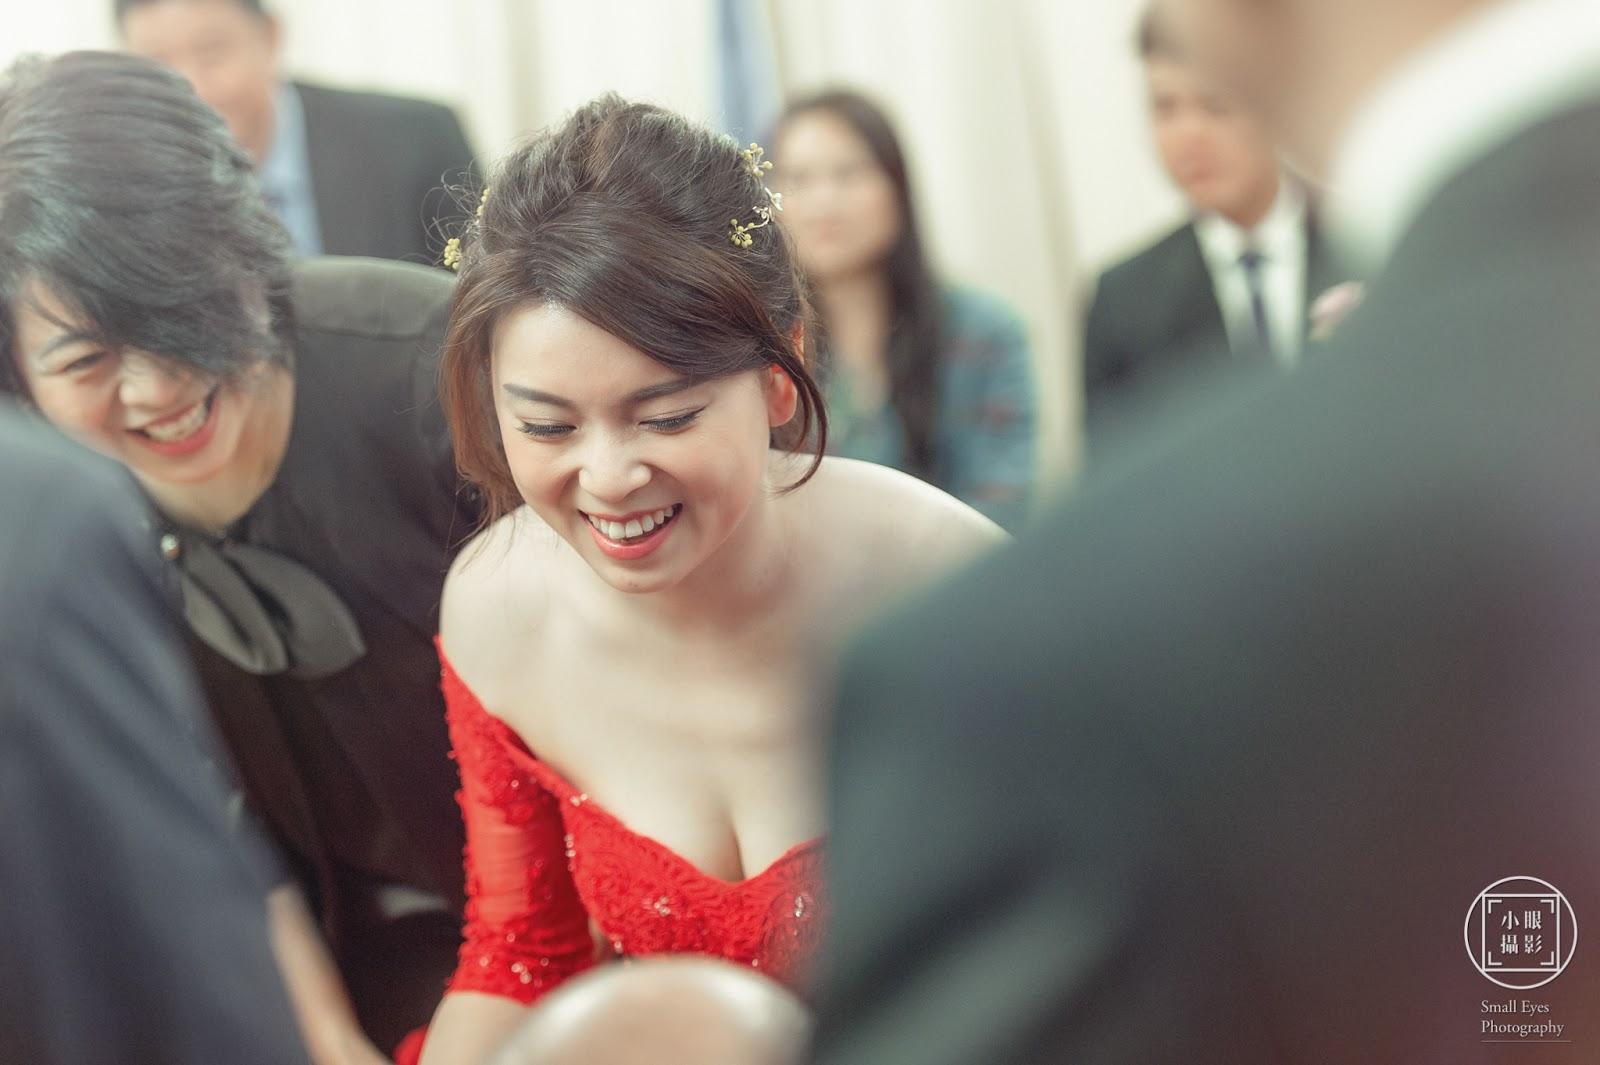 婚攝,小眼攝影,婚禮紀實,婚禮紀錄,婚紗,國內婚紗,海外婚紗,寫真,婚攝小眼,台北,圓山,圓山大飯店,自主婚紗,自助婚紗